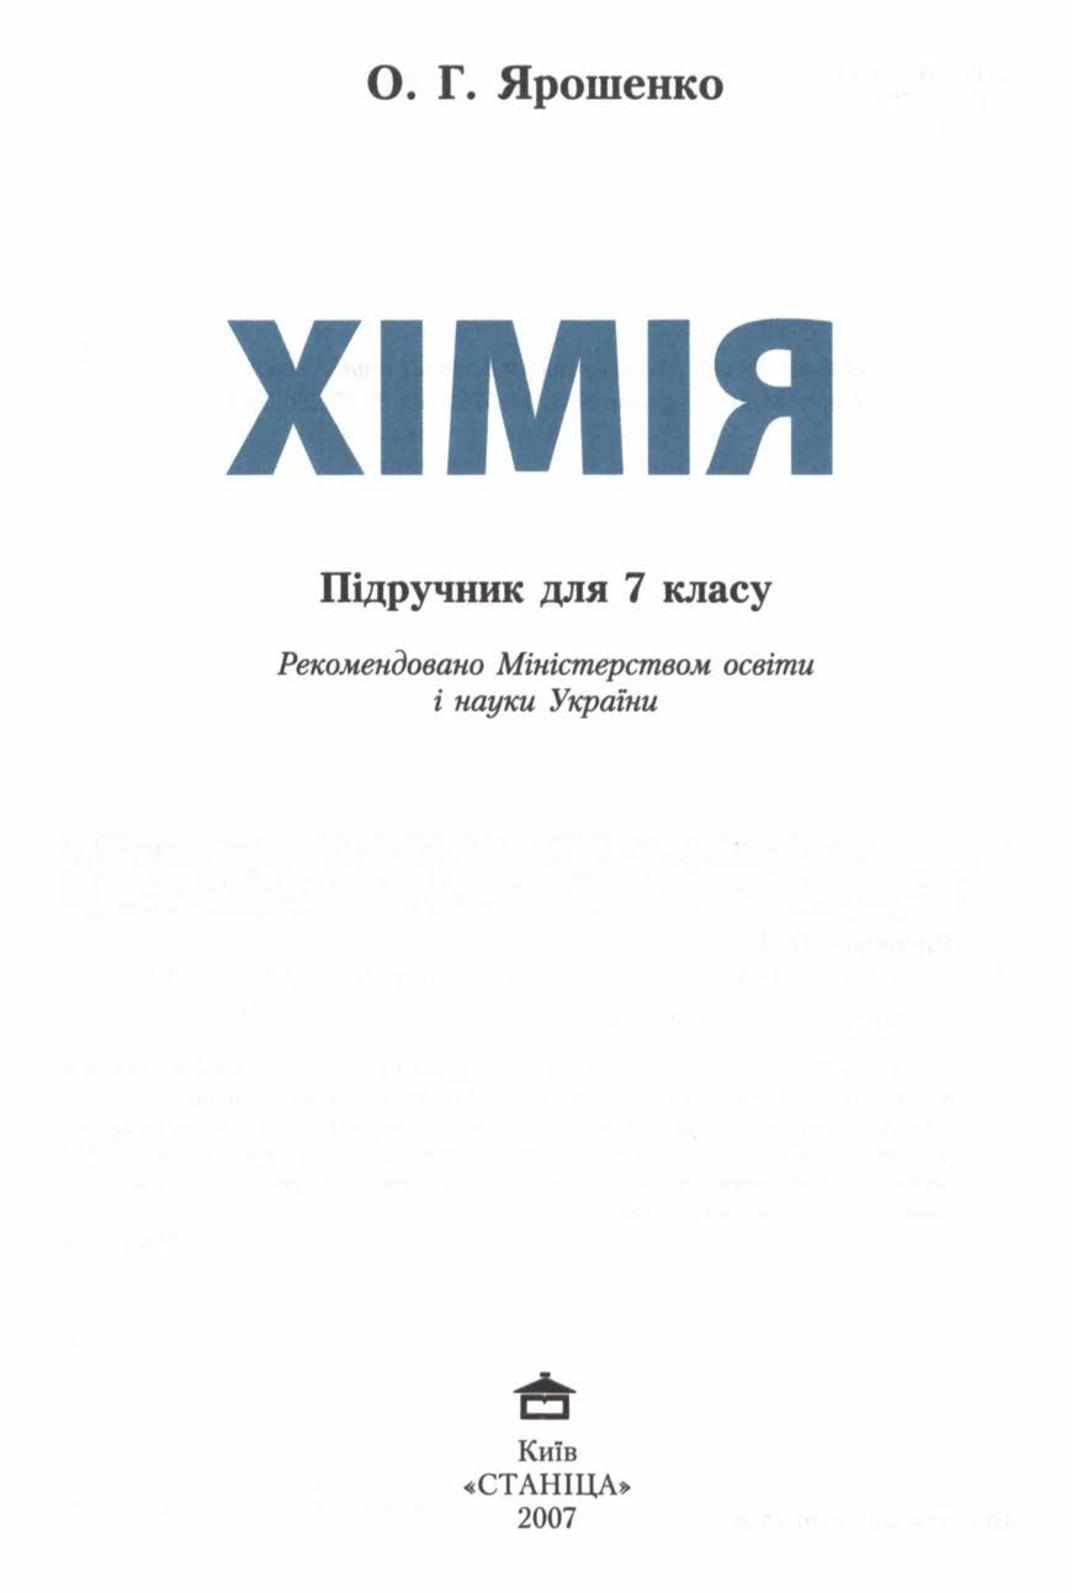 Calaméo - 7 клас. Хімія (Ярошенко) - 2007 562f327d46045